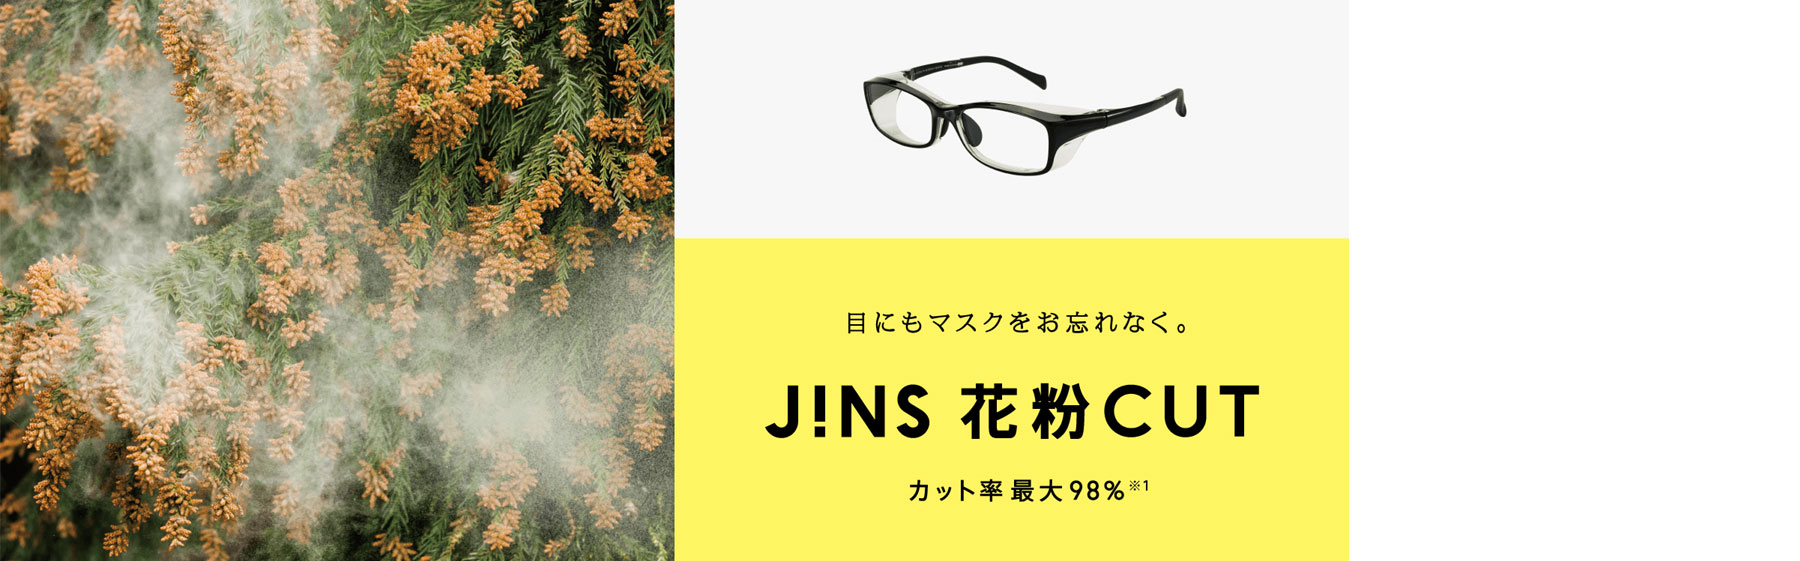 JINS 花粉カット Photo